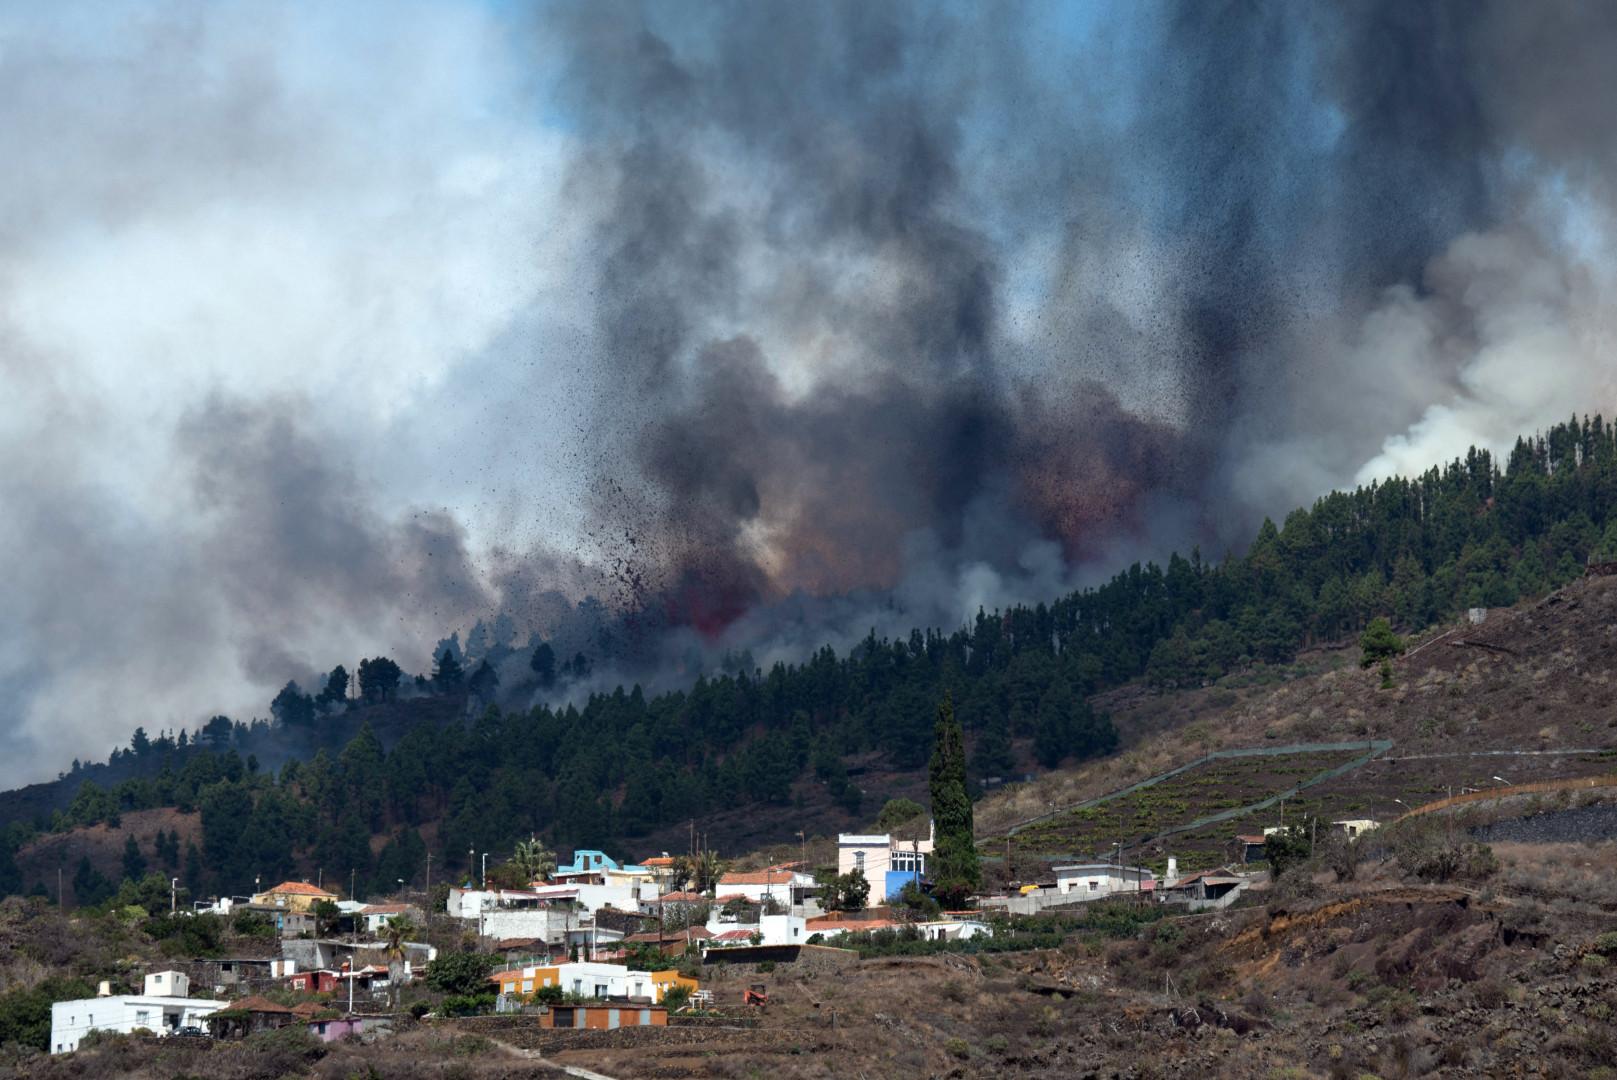 """""""Il y a de nombreuses habitations détruites"""", a assuré à l'AFP une porte-parole du gouvernement régional des Canaries, en précisant que le décompte exact était """"encore en cours""""."""